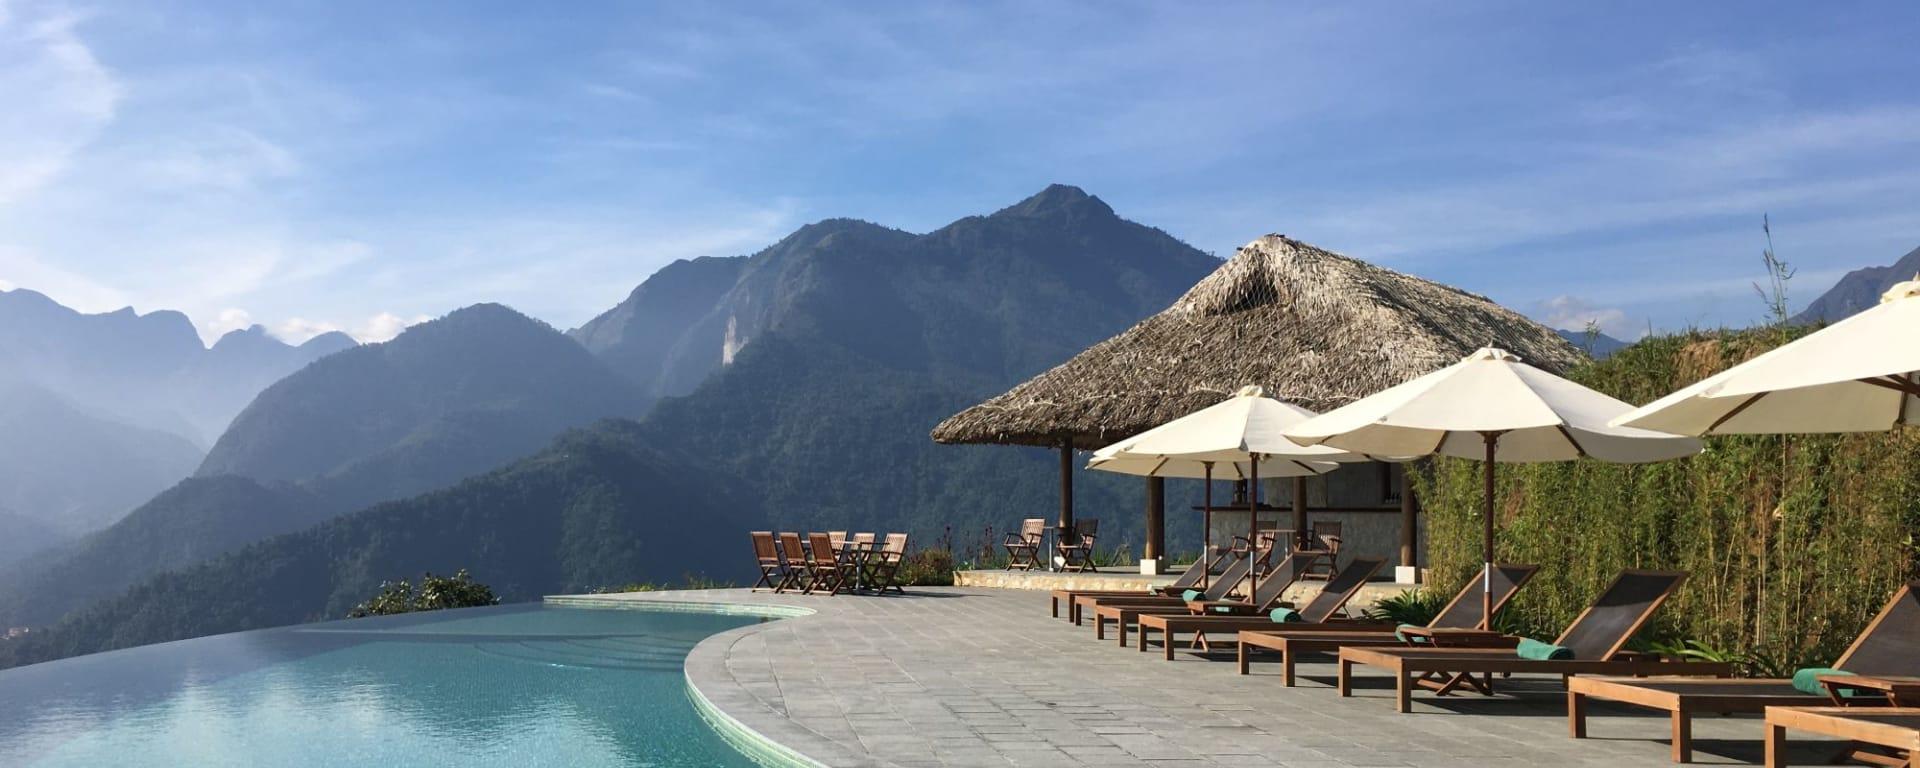 Abenteuer Sapa - Relax Package ab Hanoi: Topas Ecolodge